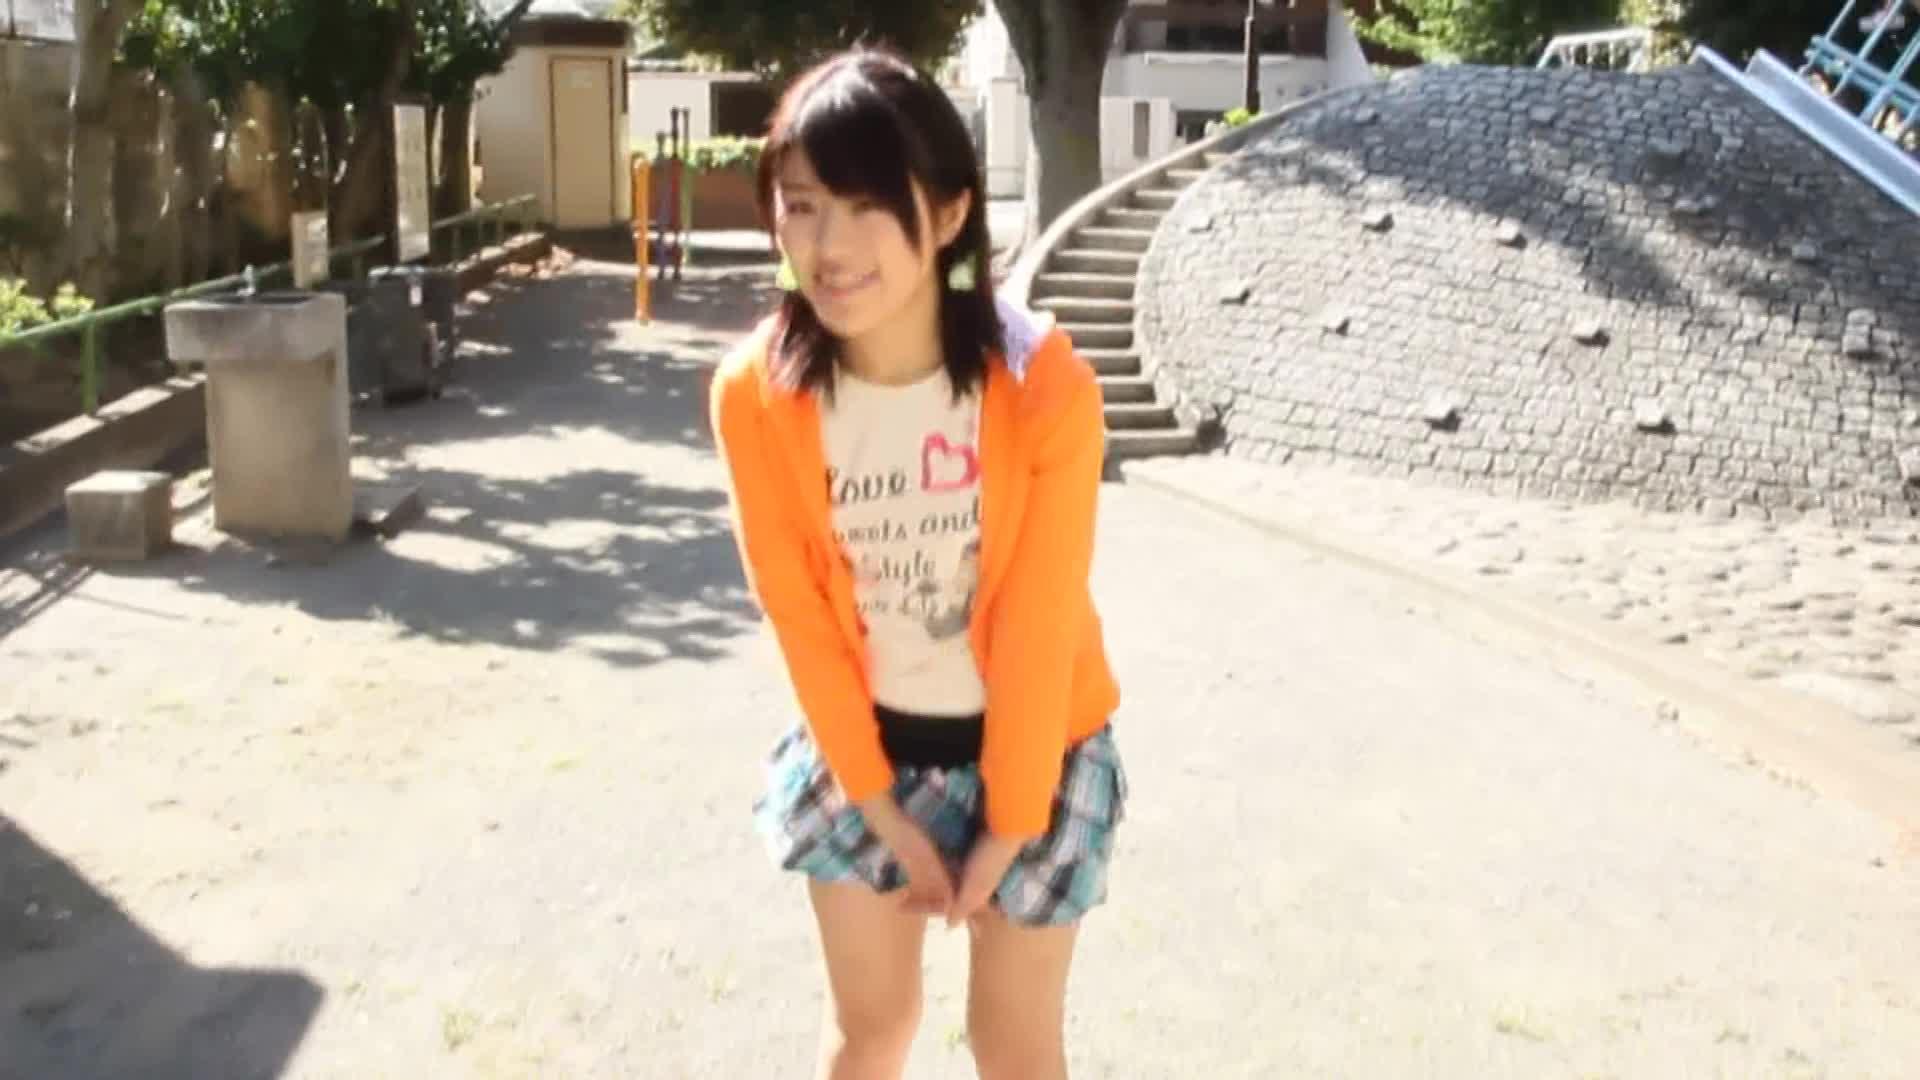 【逆さHERO】最強超可愛いツインテールⅢ!!年齢○6,○7?